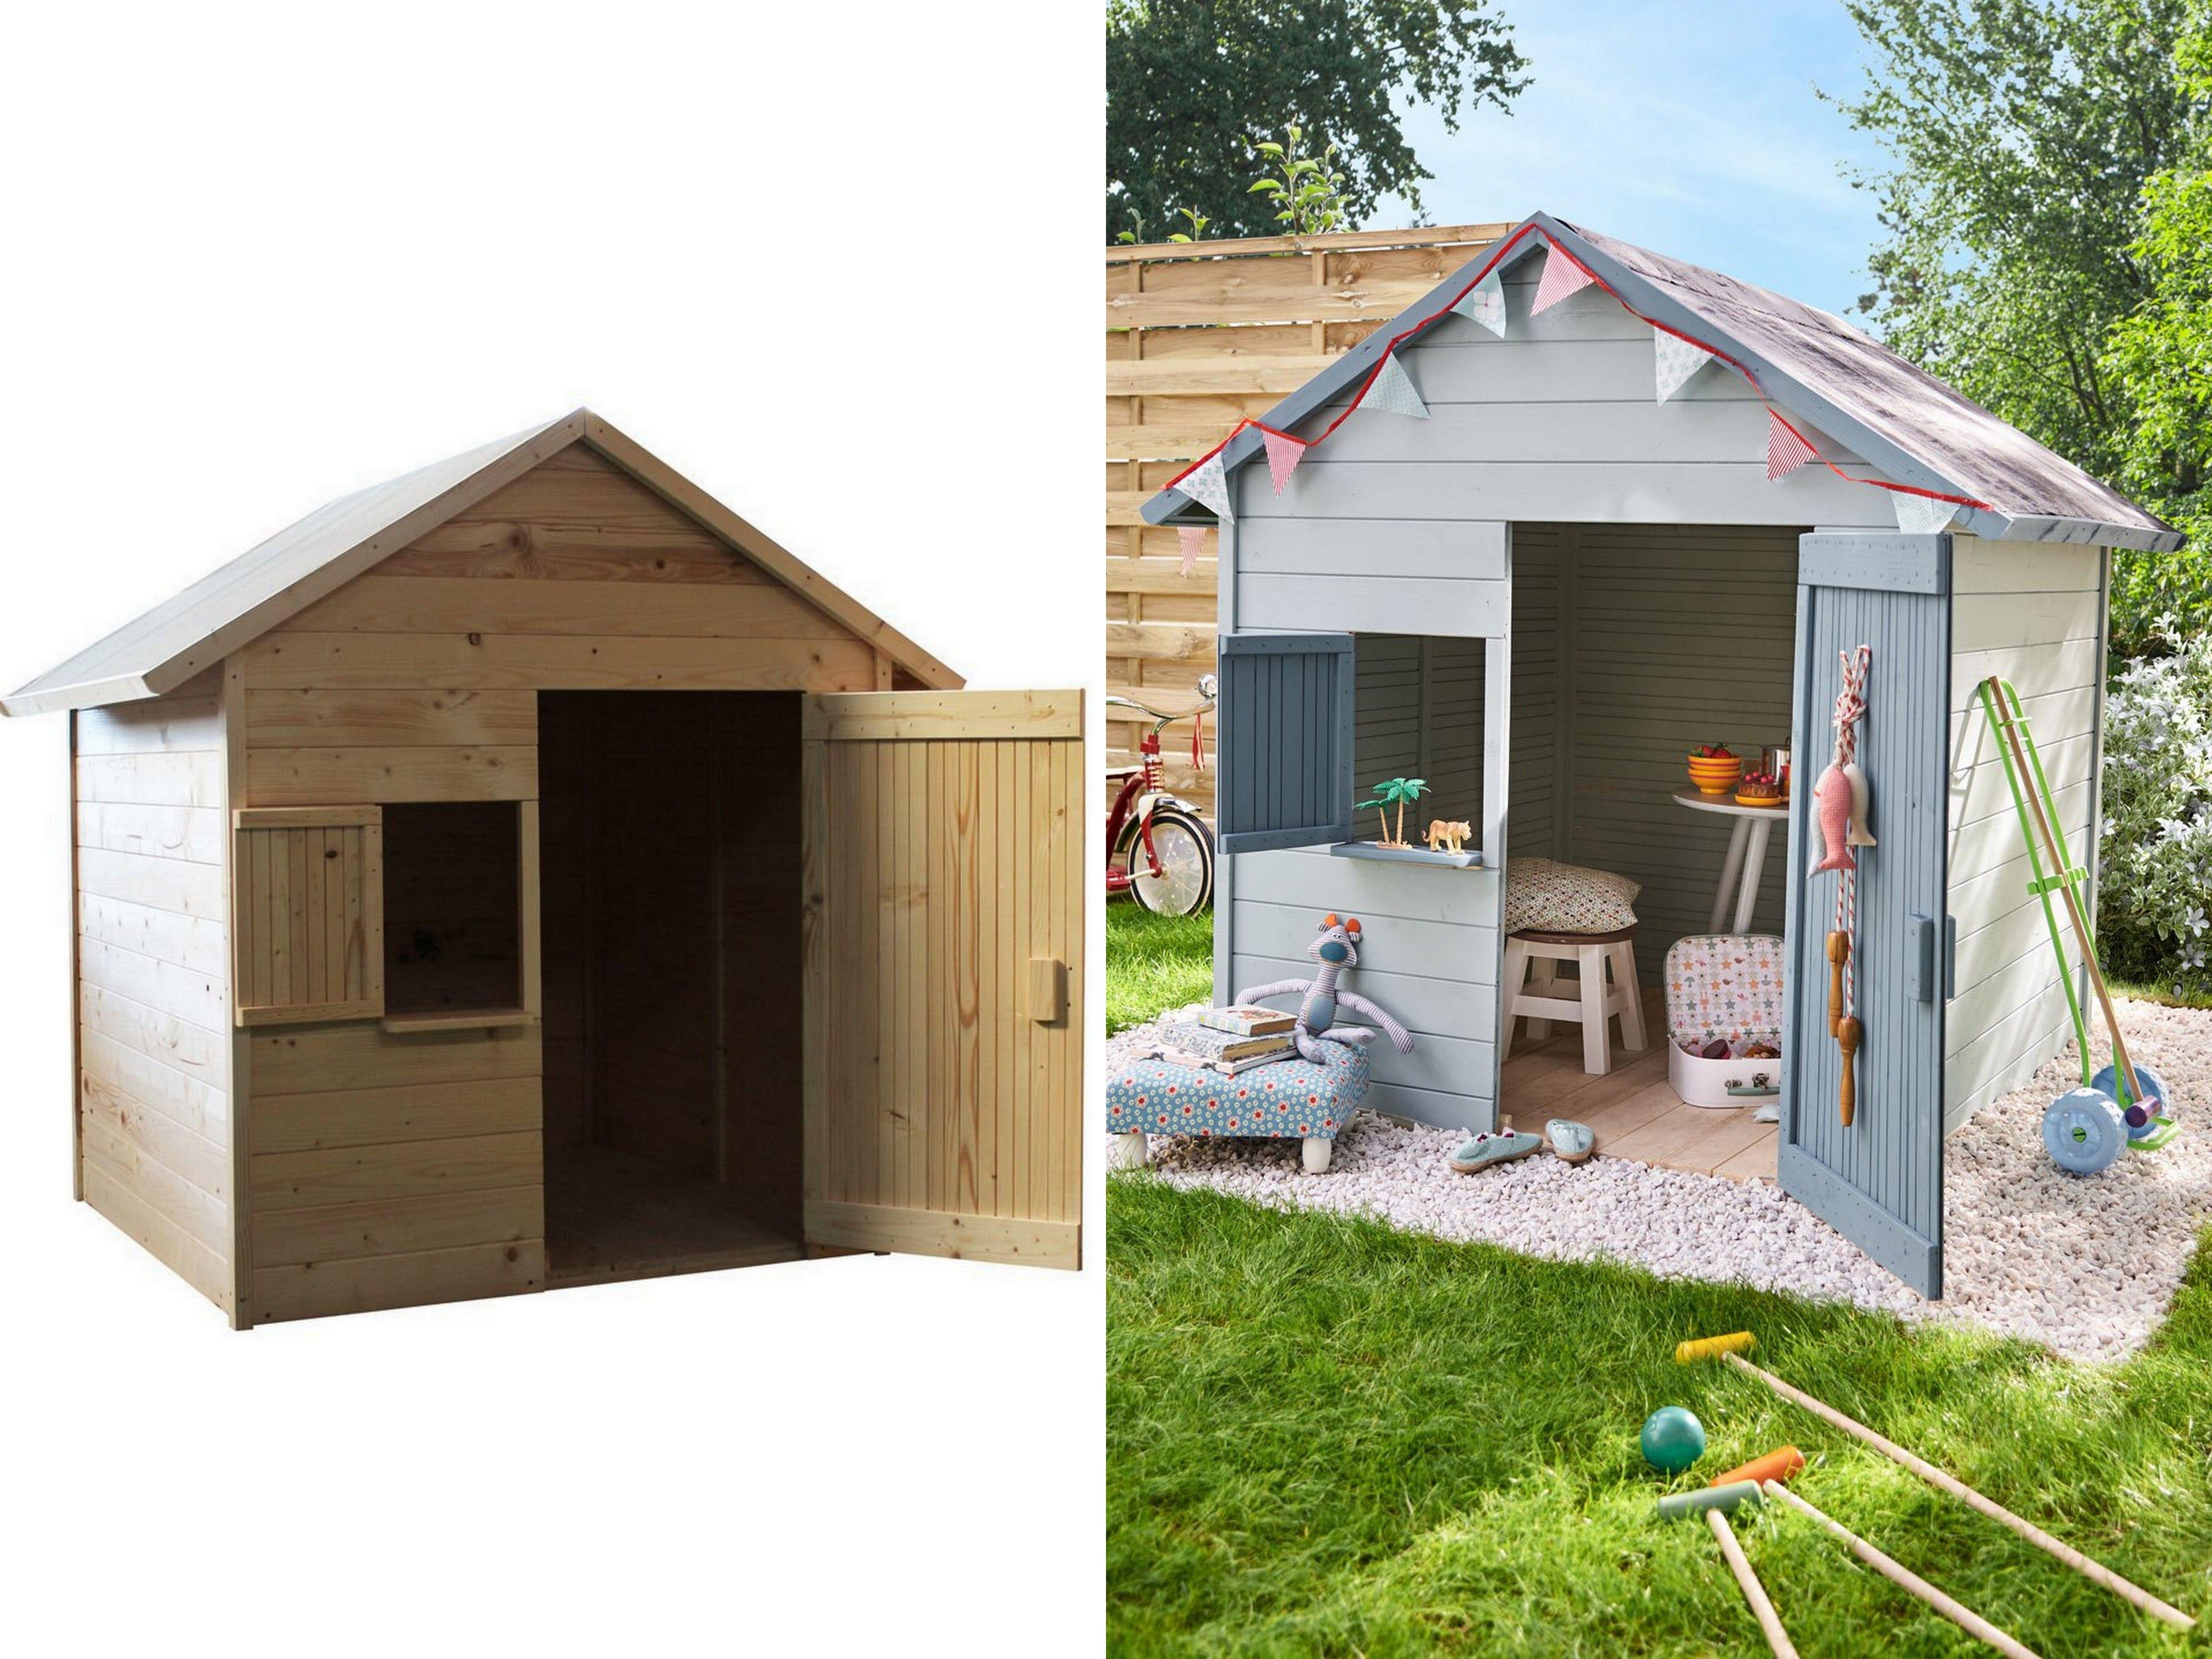 Grande Cabane De Jardin Pas Cher une cabane en bois pour enfant à prix doux | abri de jardin